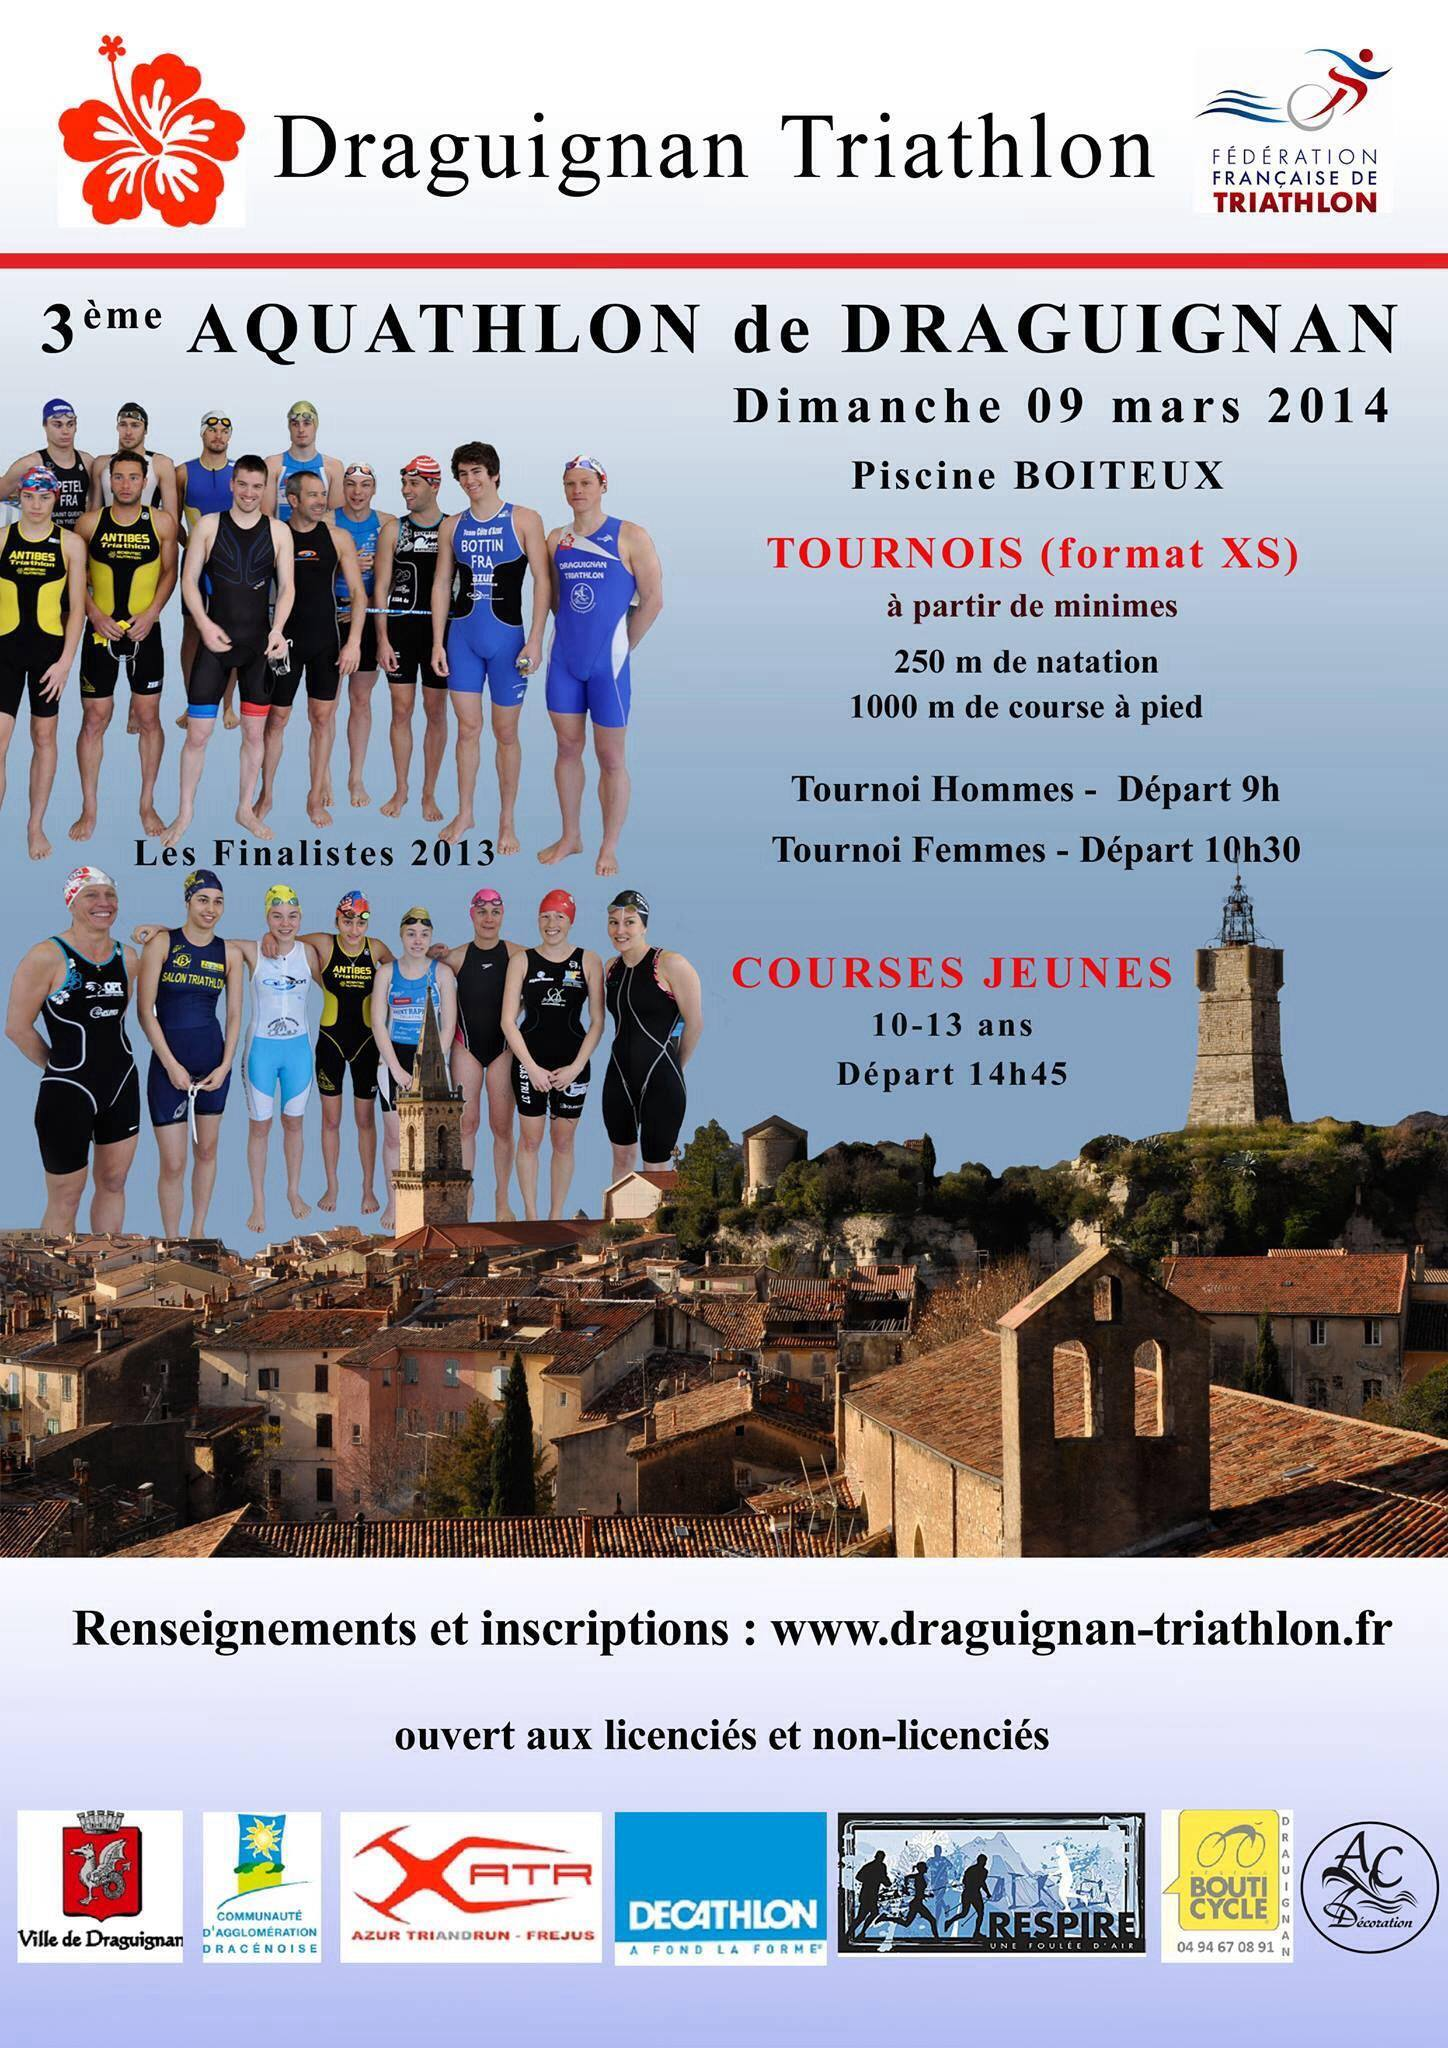 Aquathlon Draguignan: Dimanche tout est prêt pour la fête !